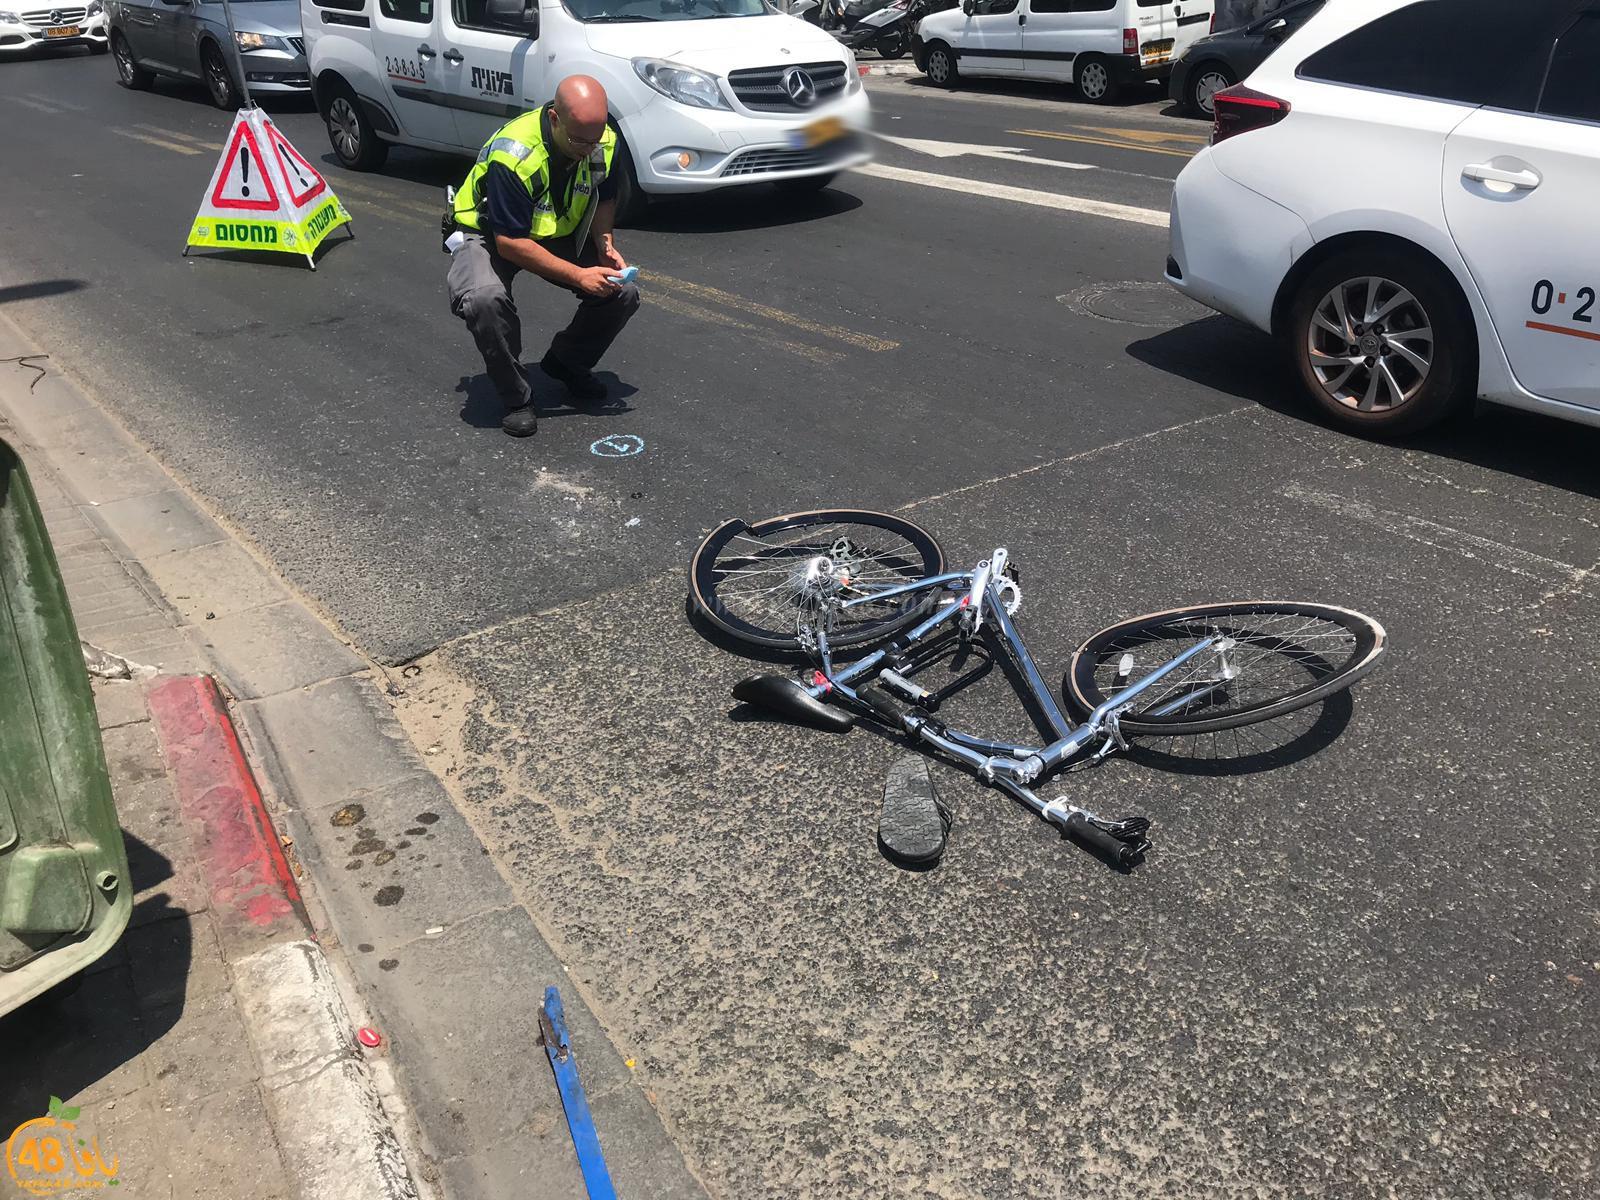 اصابة حرجة لراكب دراجة هوائية اثر تعرضه لحادث دهس في مدينة يافا